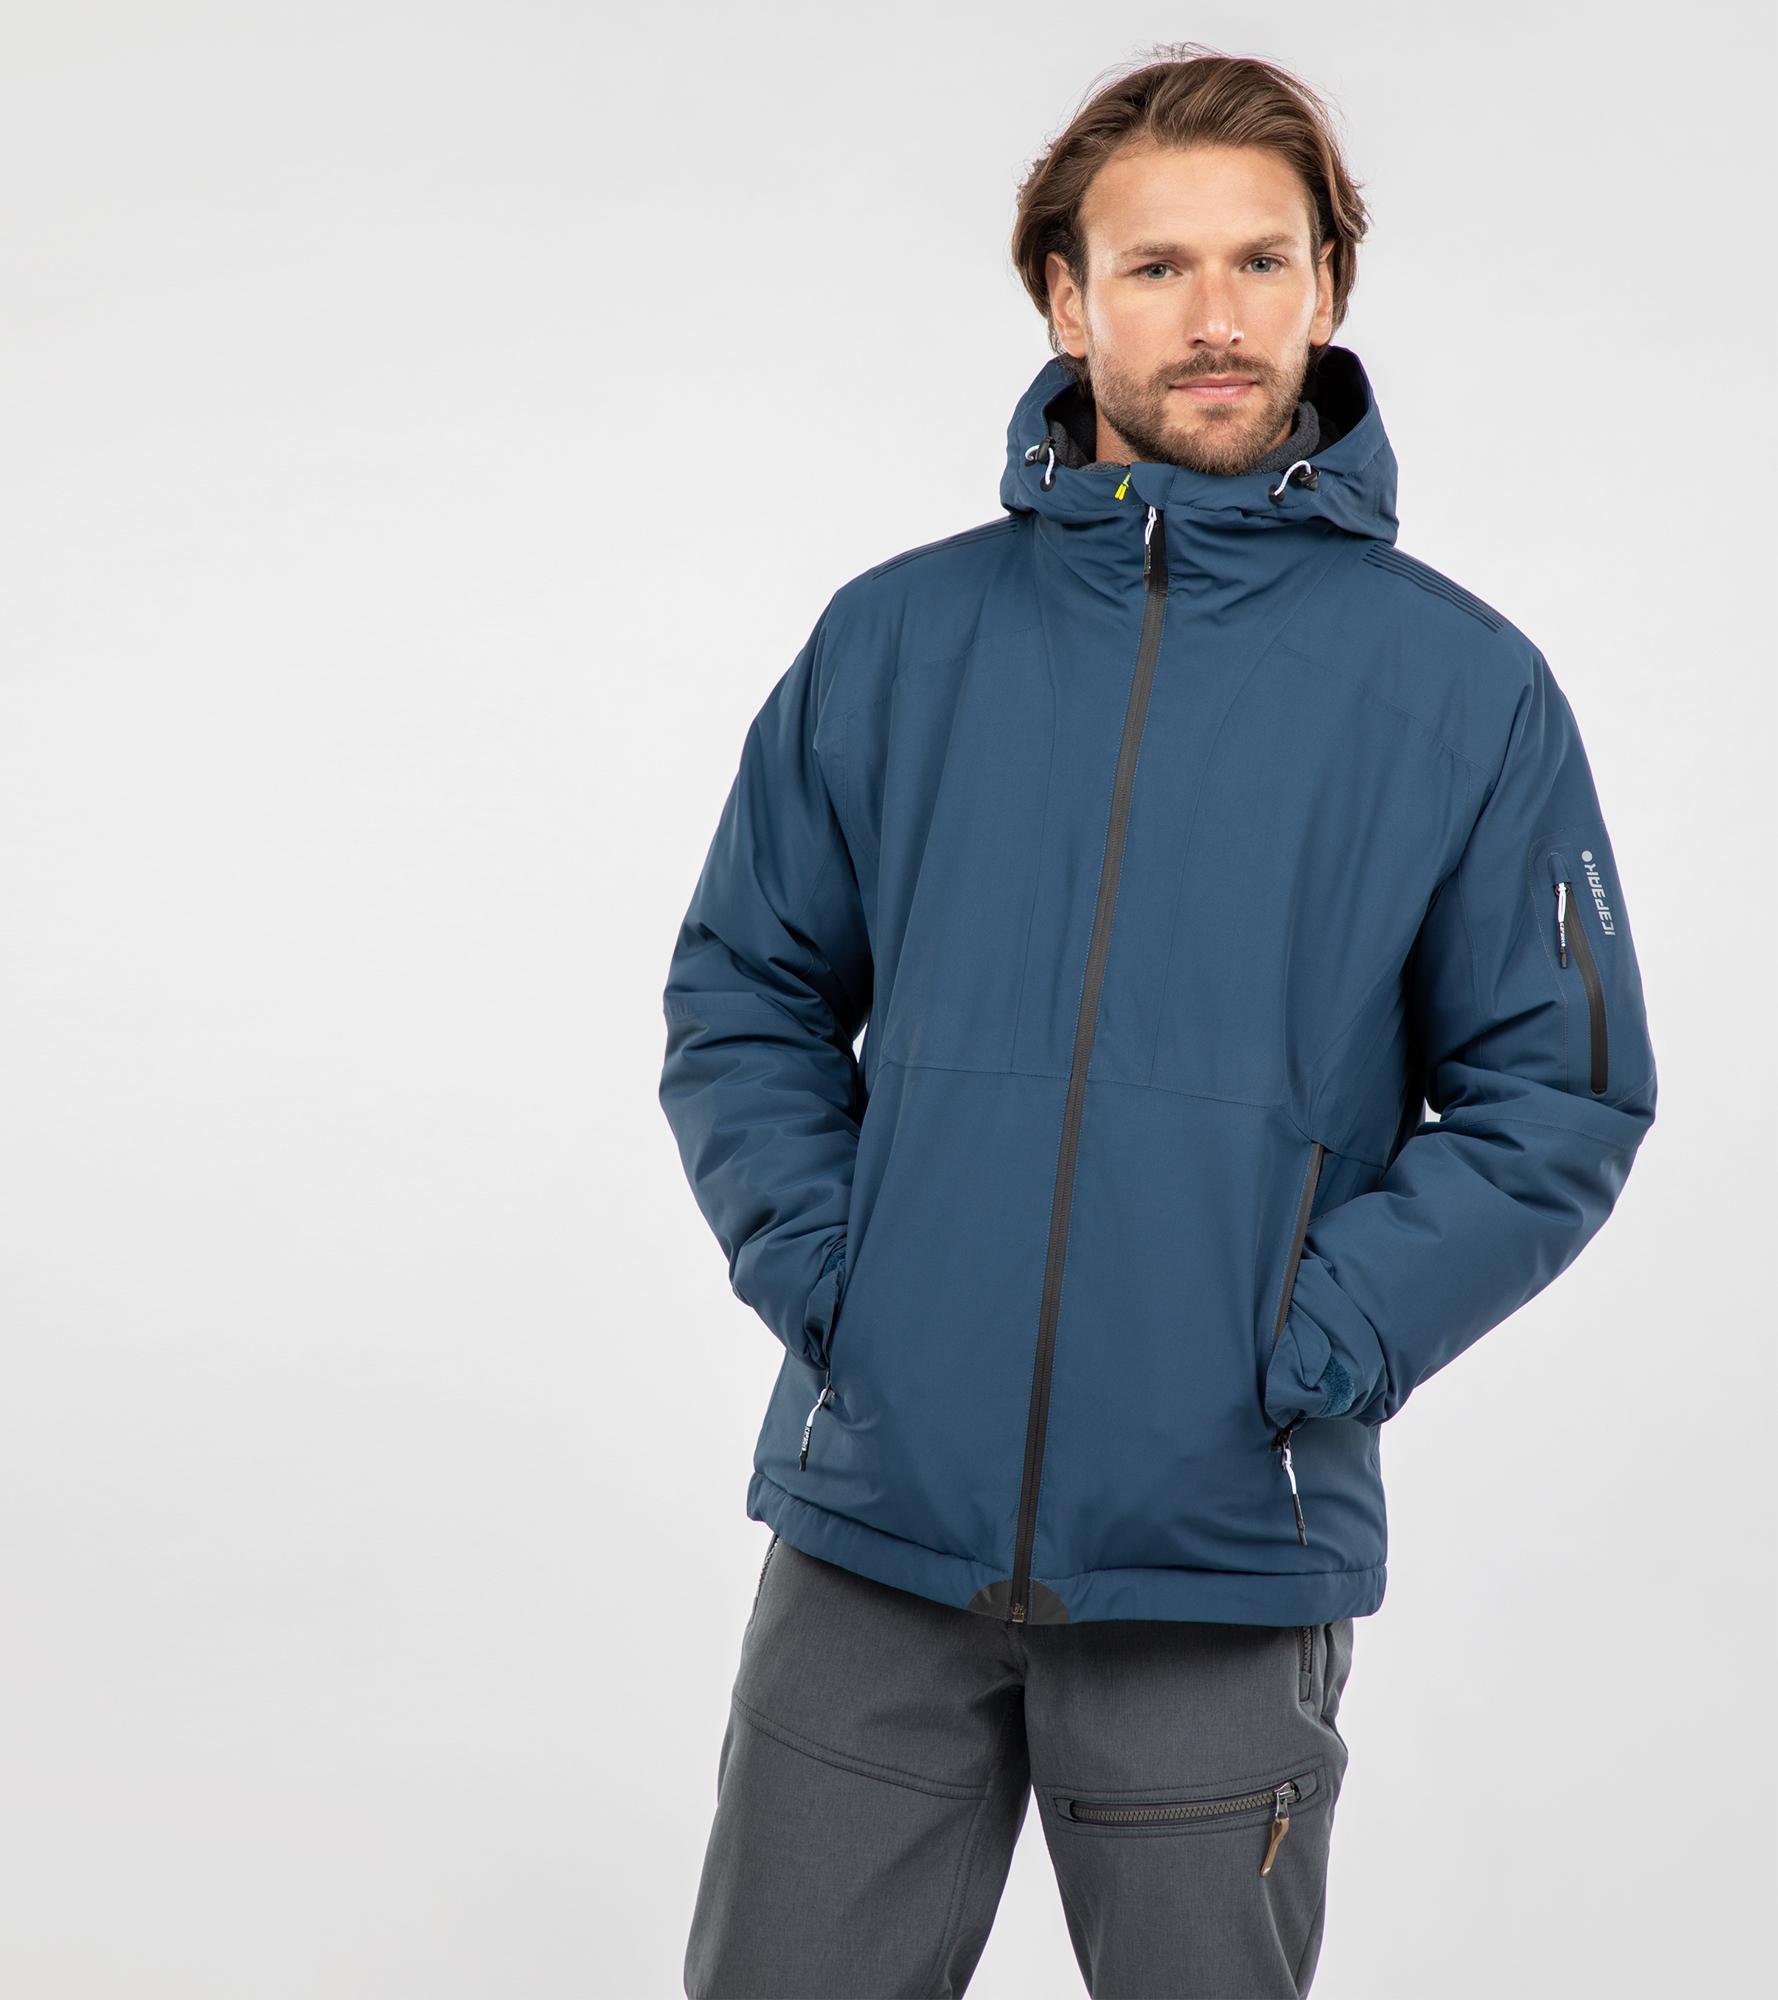 IcePeak Куртка утепленная мужская IcePeak Pierpont, размер 56 цены онлайн